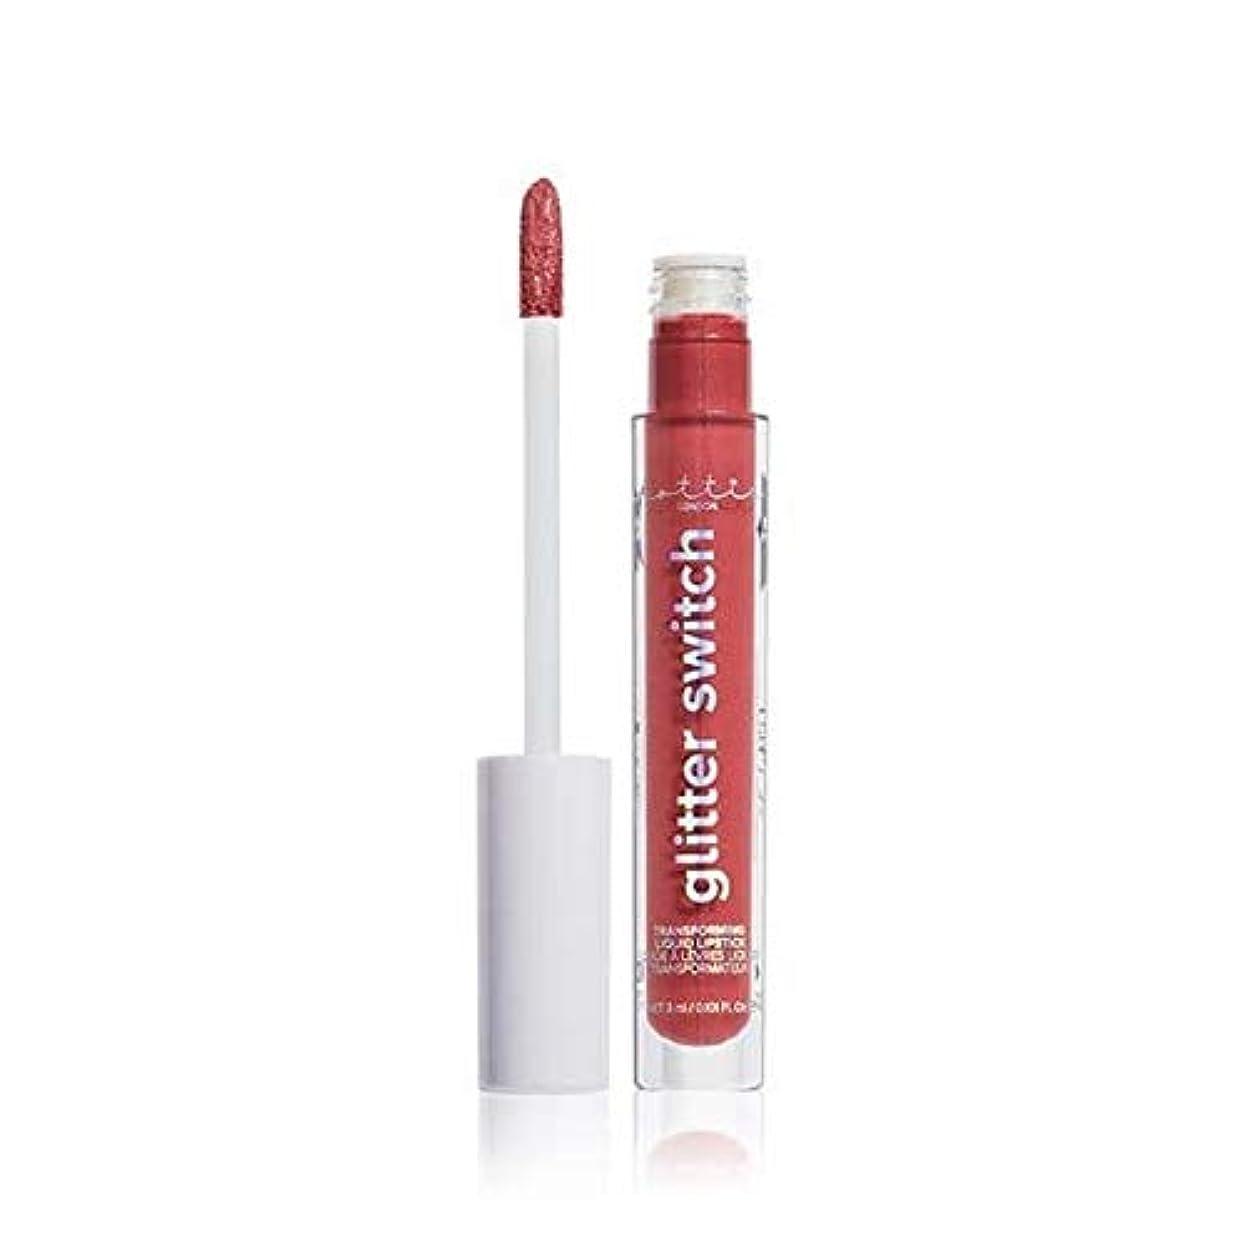 ぼかし平野ワイド[Lottie London] Lottieロンドングリッタースイッチは、口紅ハイローラーを変換します - Lottie London Glitter Switch Transform Lipstick High Roller...